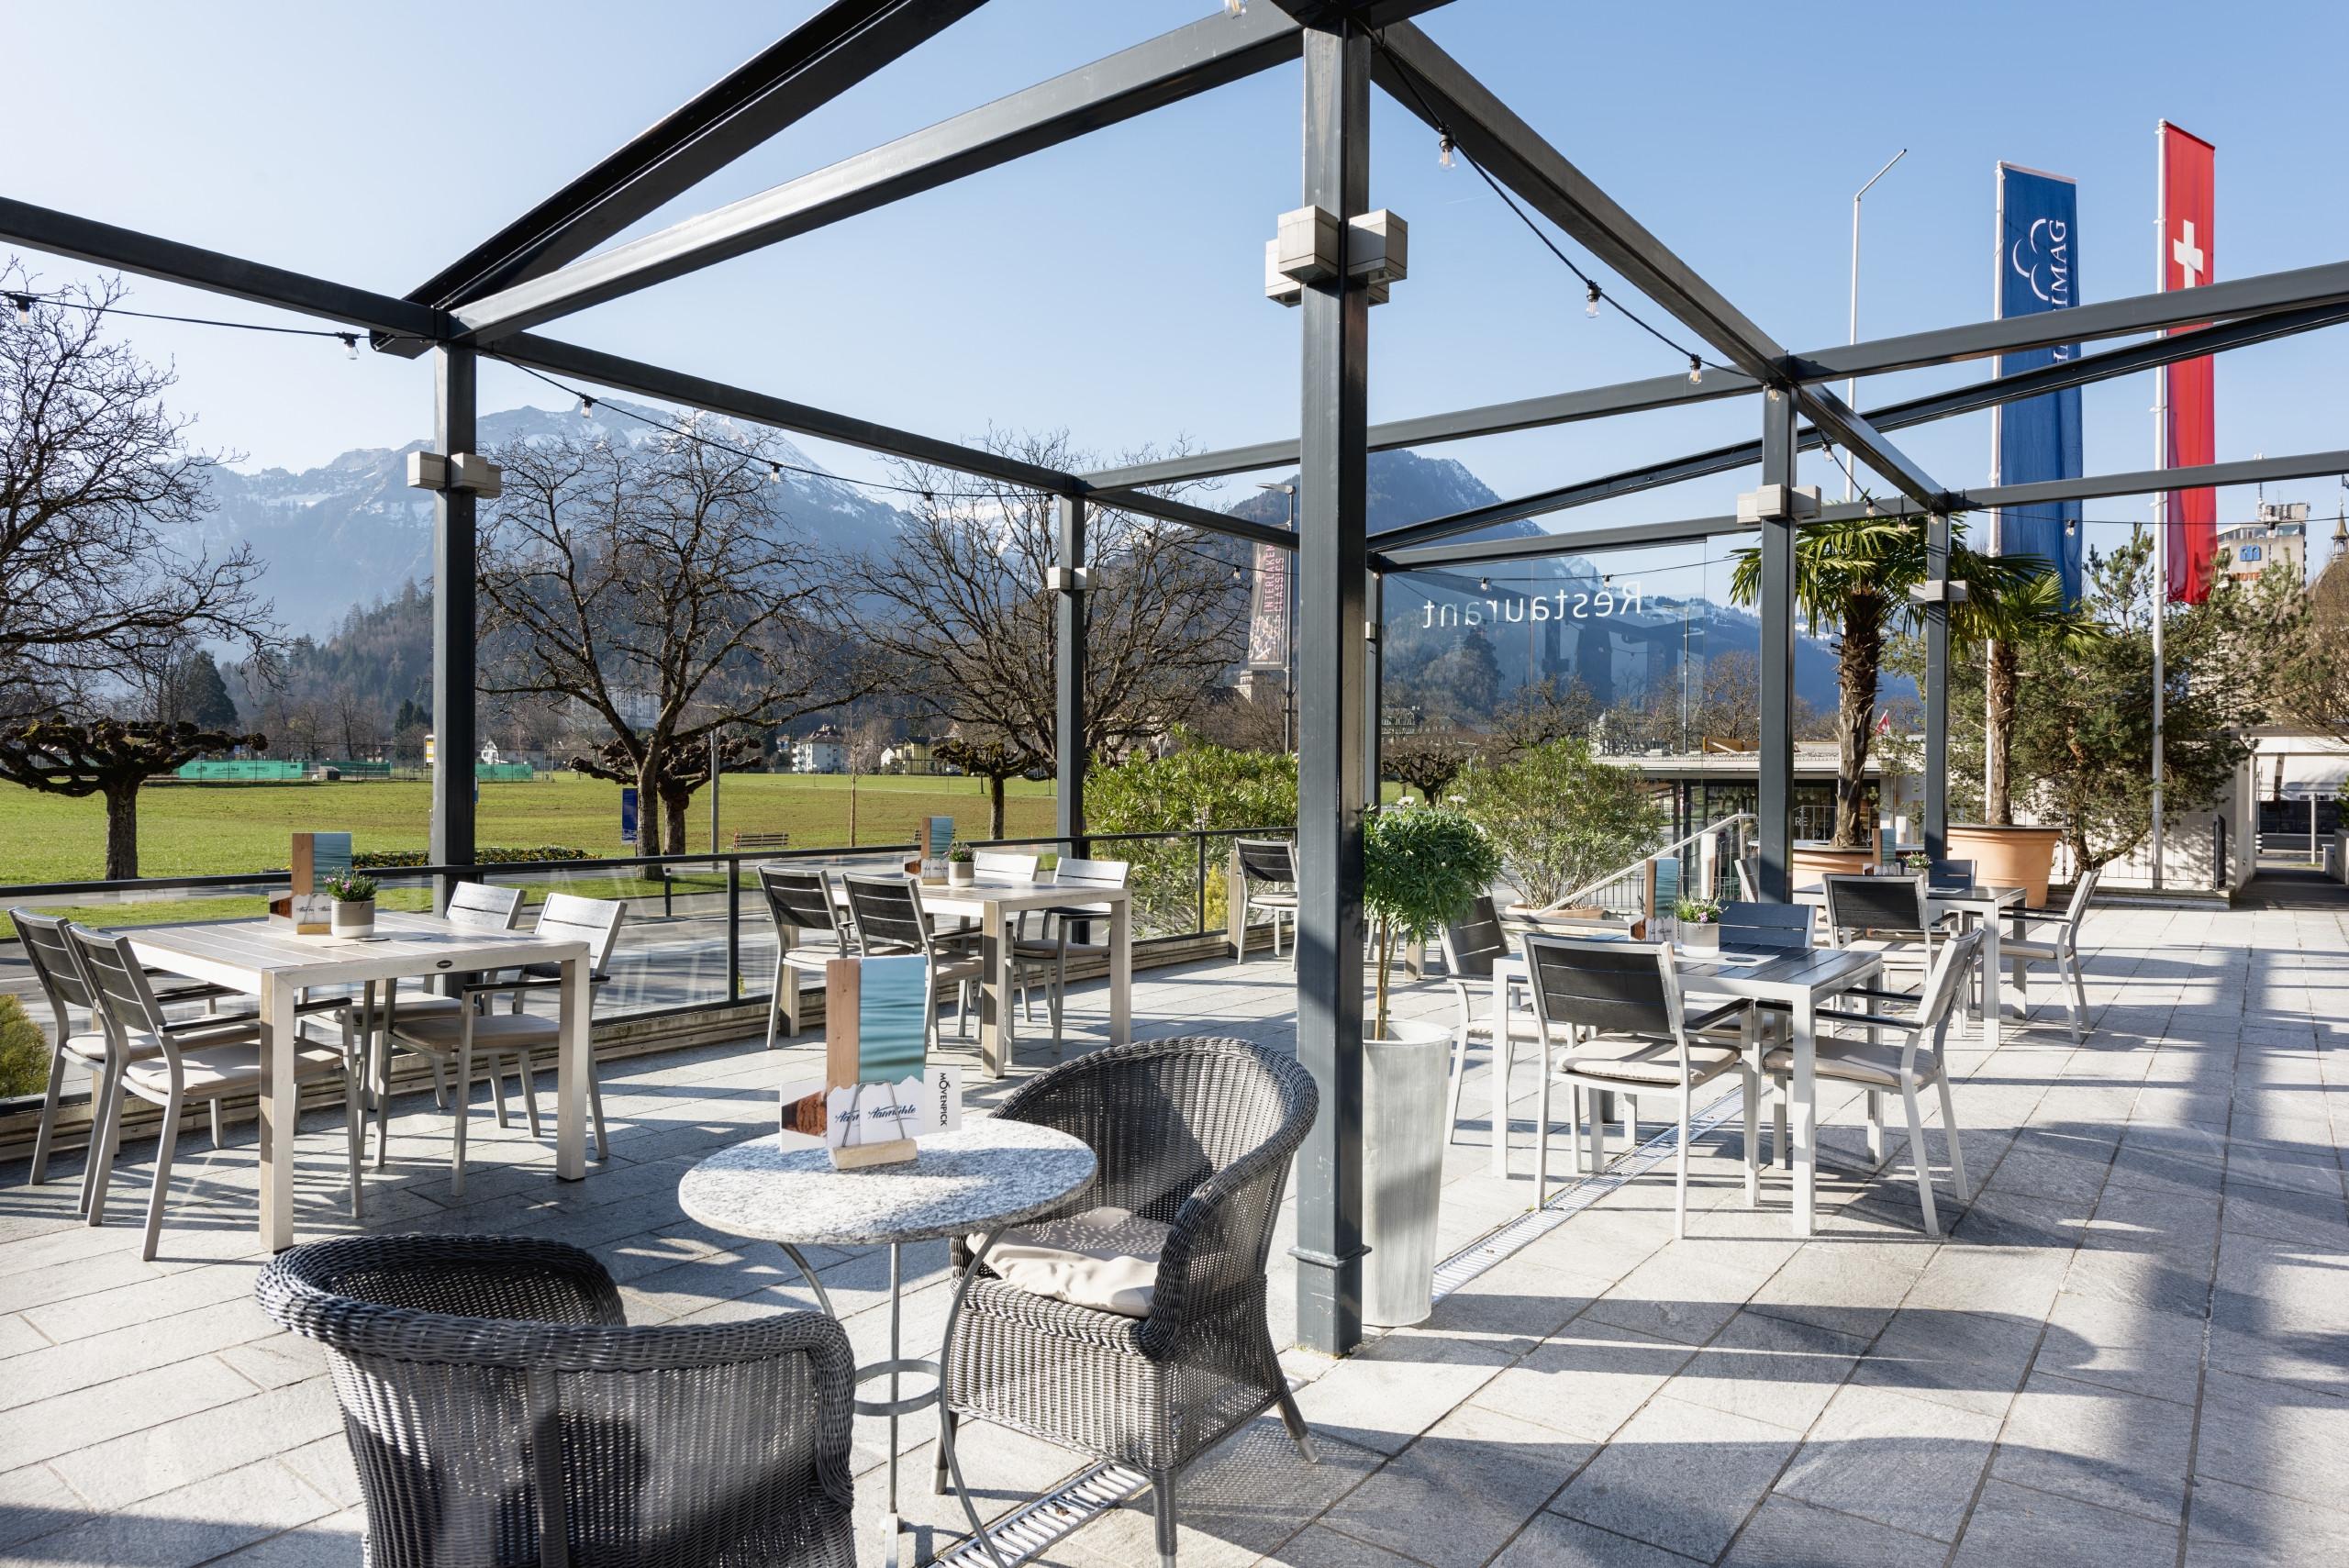 aarmuehle-hapimag-terrasse-ausblick-hoehematte.jpg